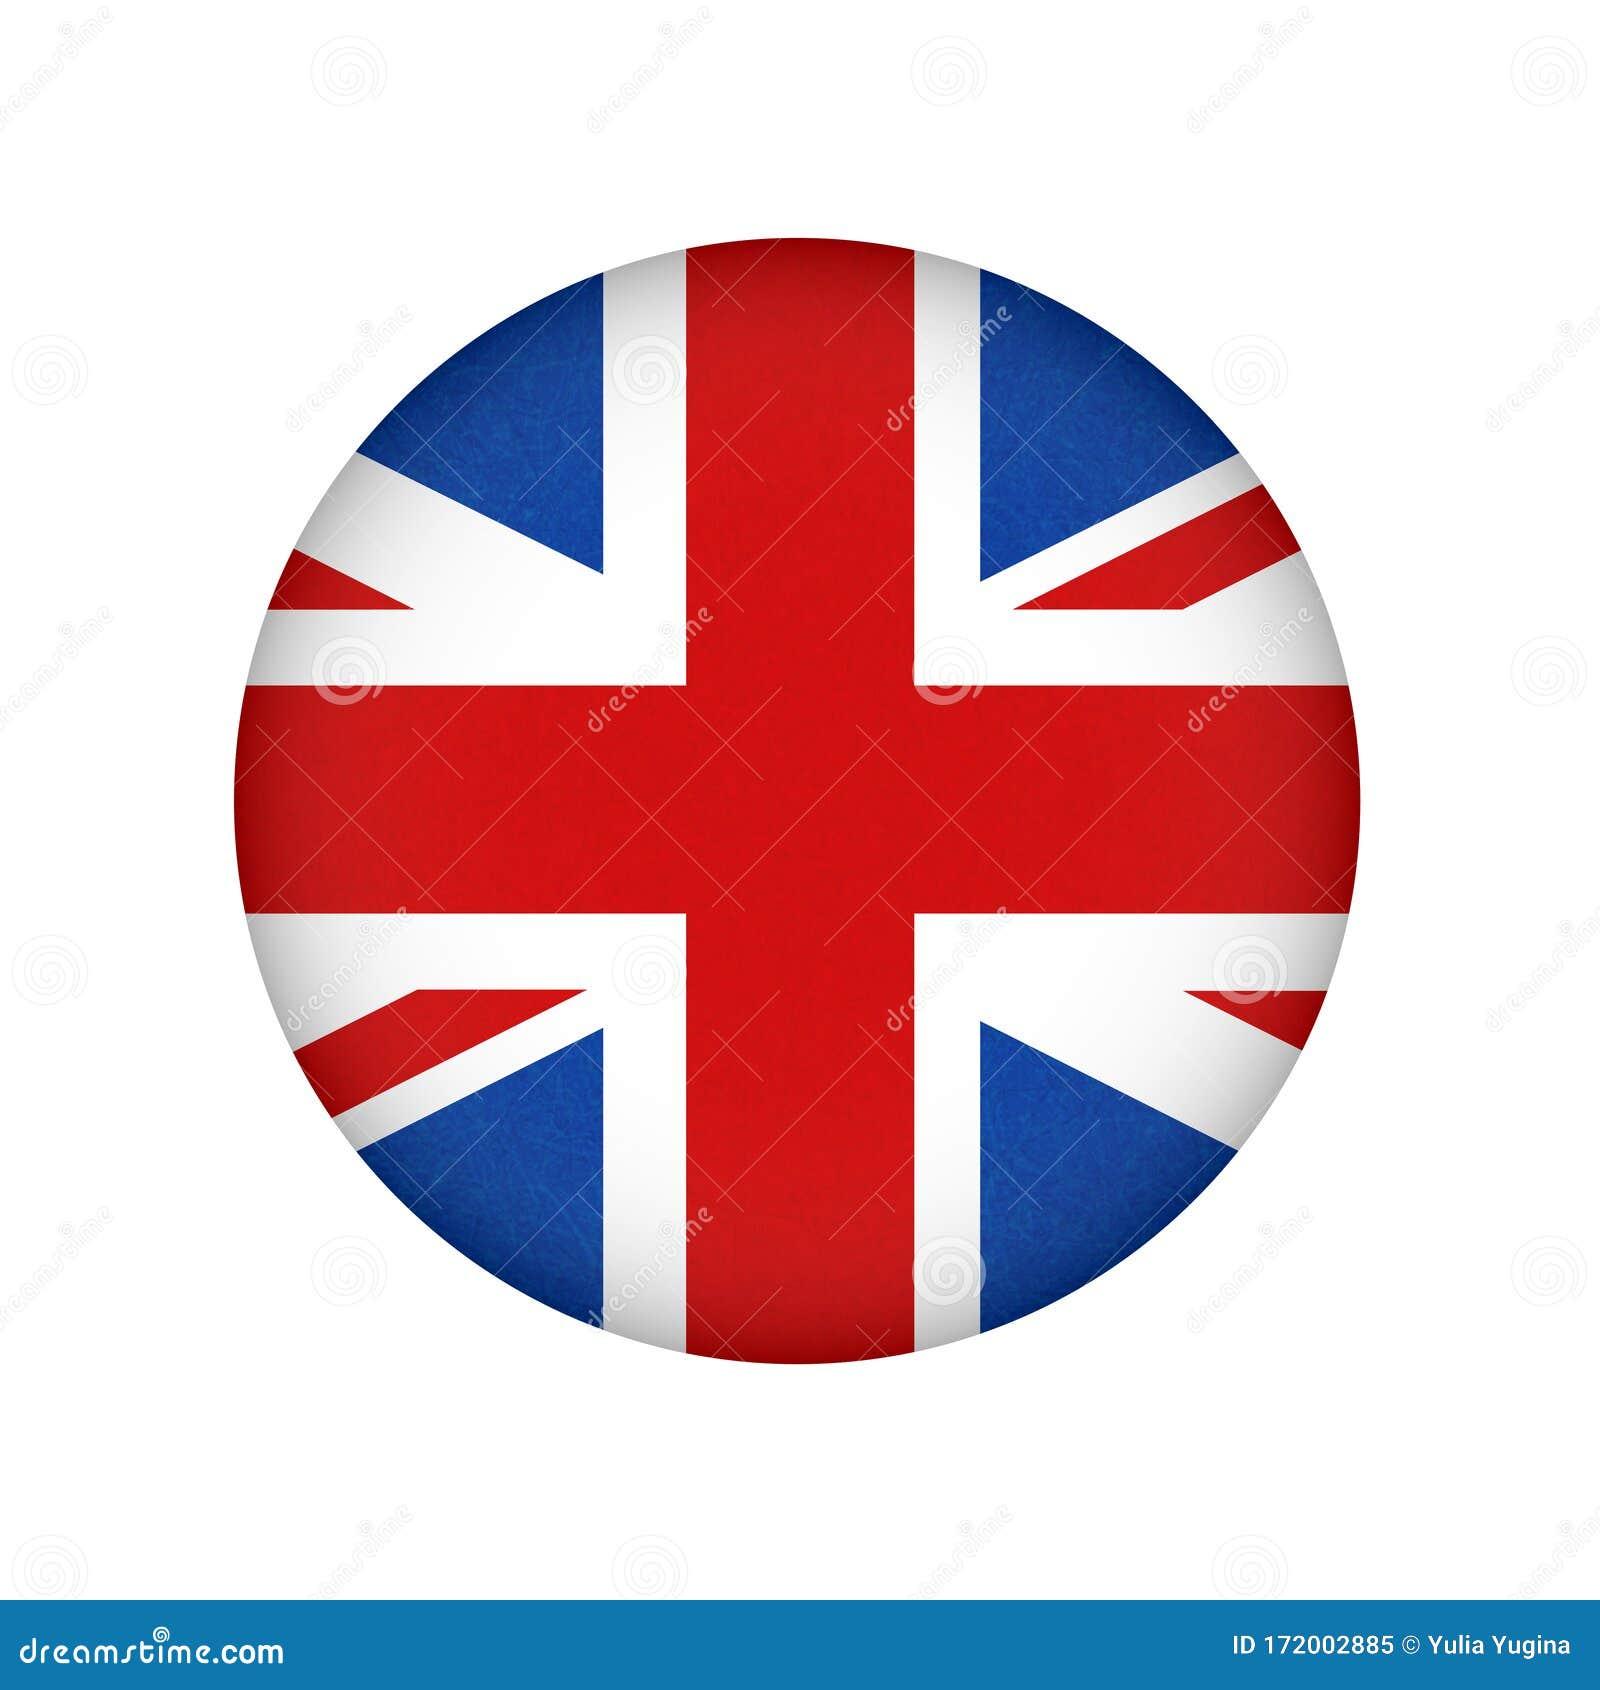 Bandera De Gran Bretaña Reino Unido Banner En Inglés Con Textura Rayada En Forma De Círculo Icono Vectorial De La Bandera De Ing Ilustración Del Vector Ilustración De Sucio Forma 172002885